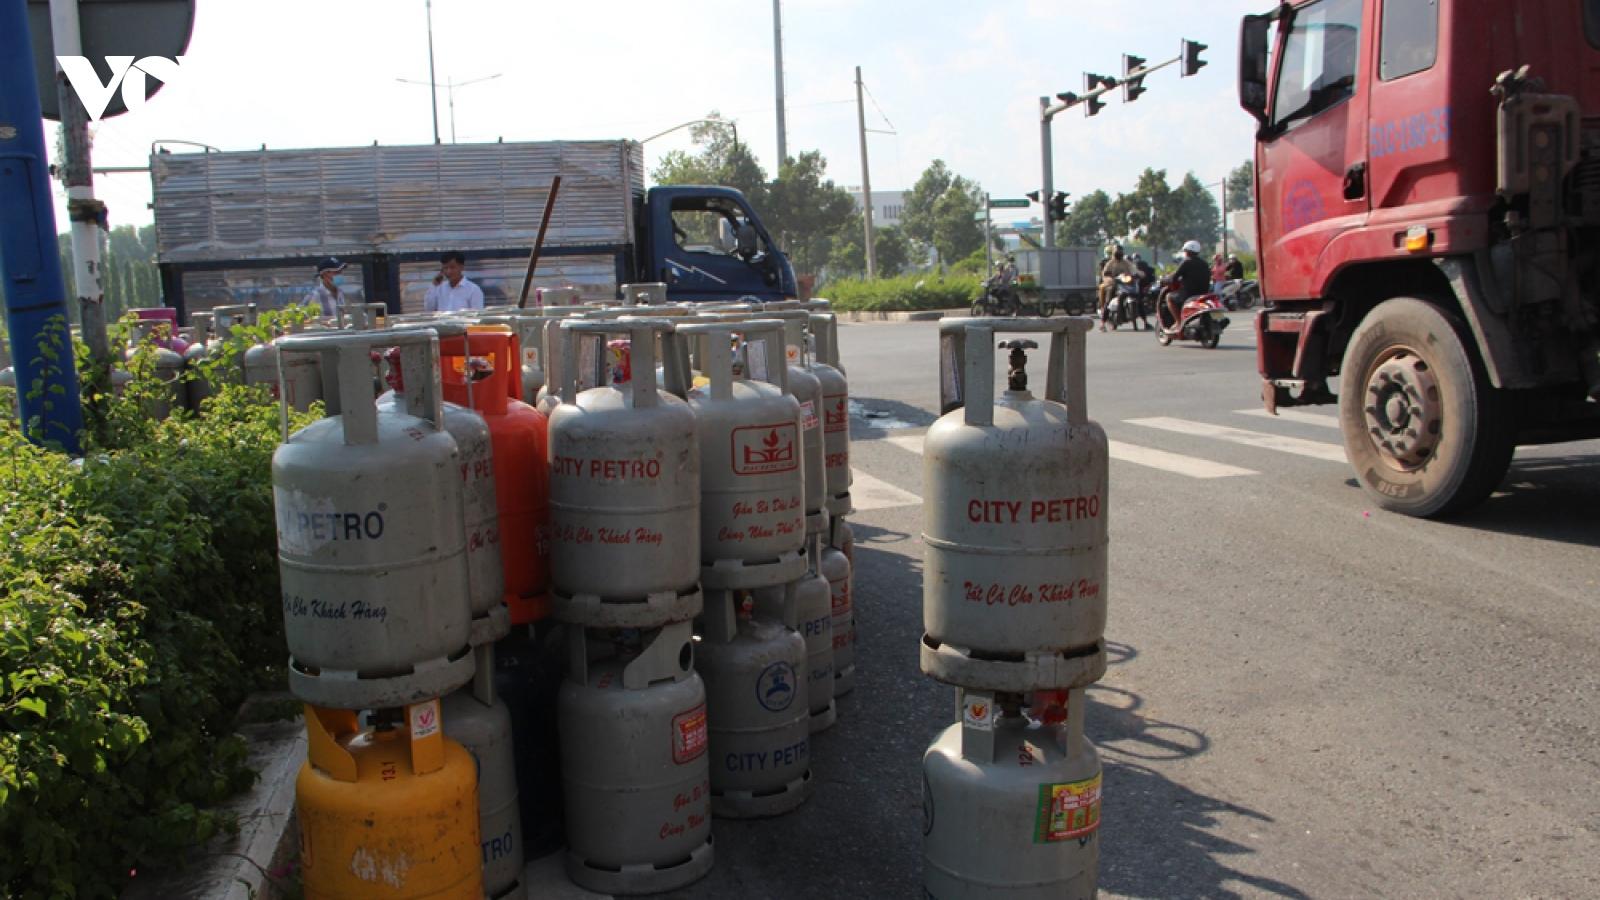 Lật xe tải ở Bình Dương, hàng chục bình gas rơi xuống đường